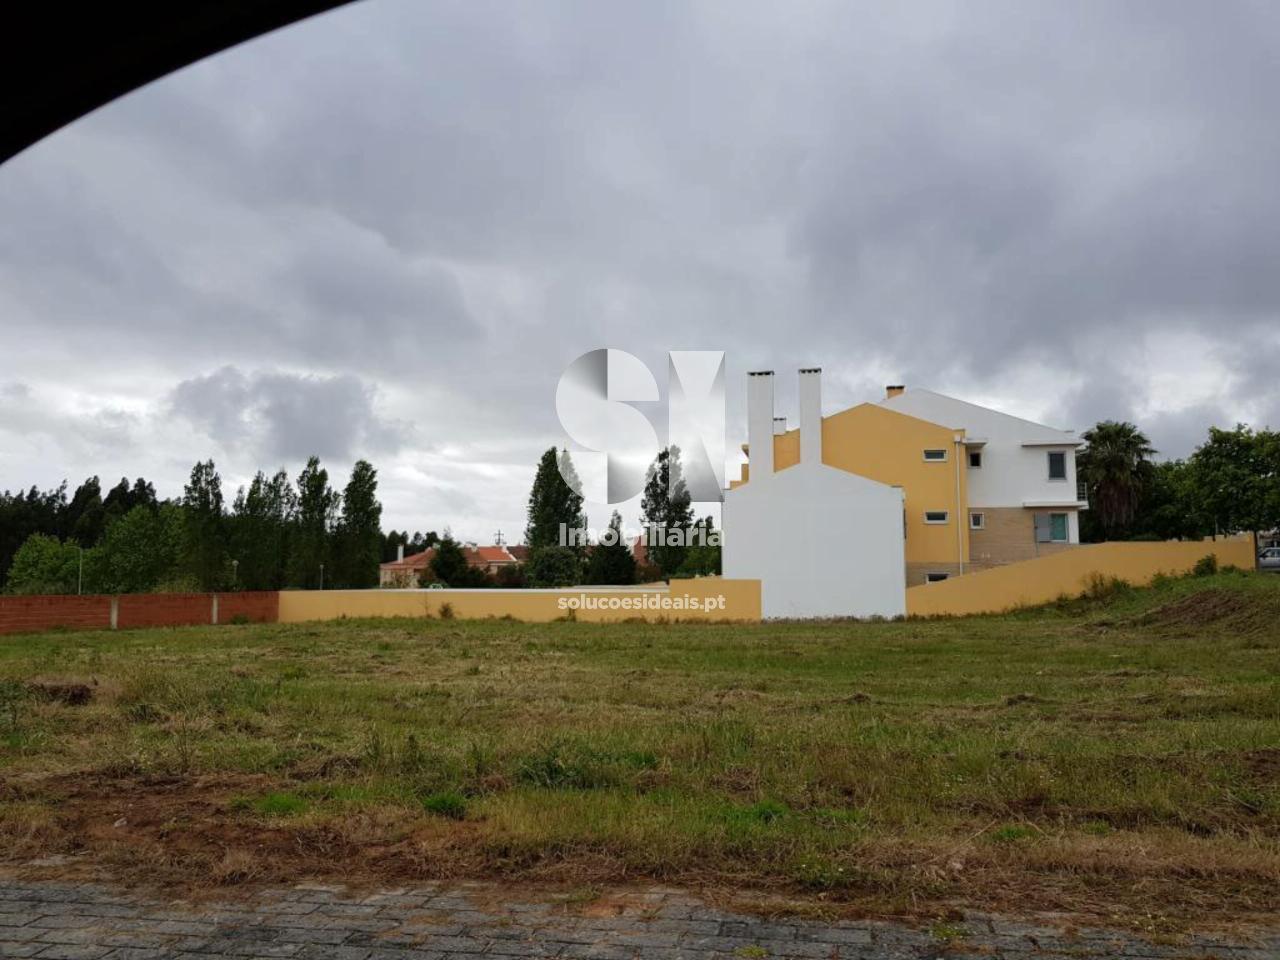 terreno para compra em torres vedras uniao das freguesias de campelos e outeiro da cabeca LFCLM461_2